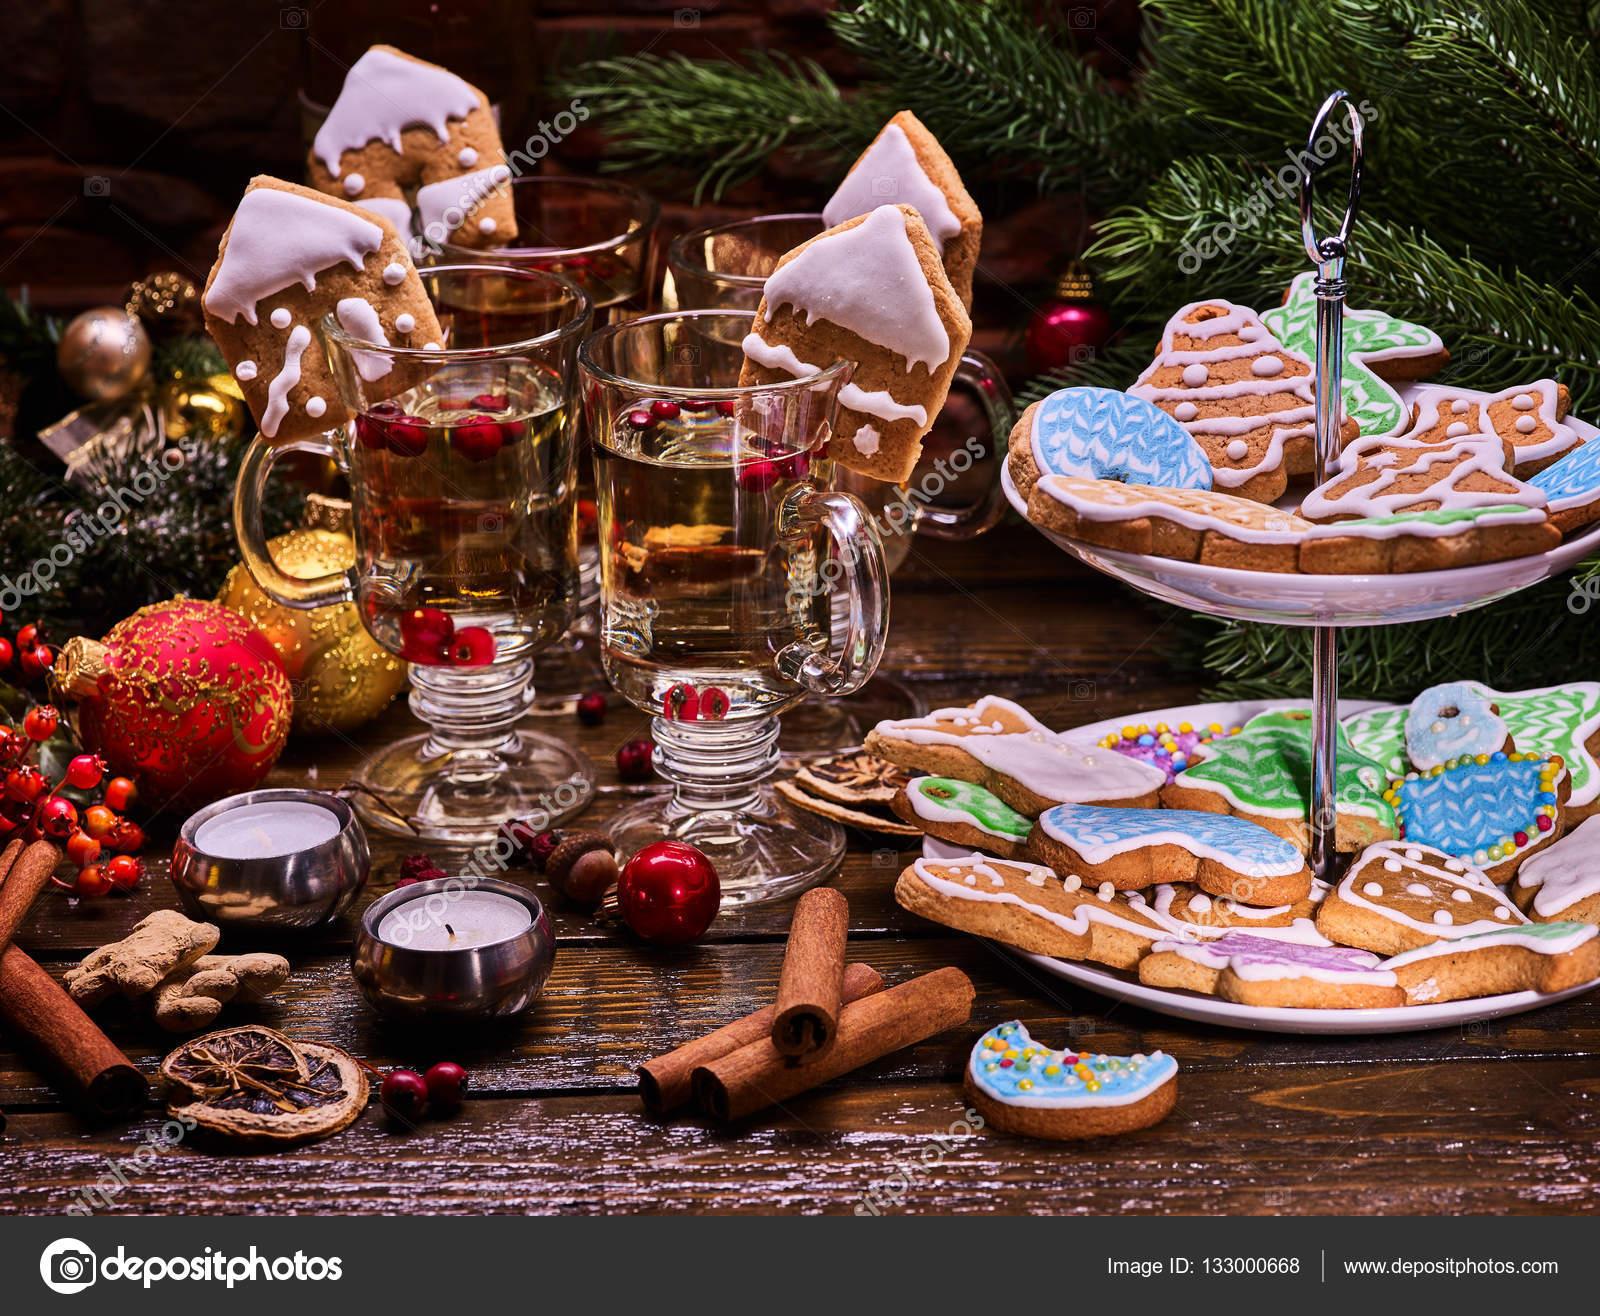 Glasur Weihnachtsplätzchen.Weihnachtsplätzchen Mit Der Glasur Und Gläser Stockfoto